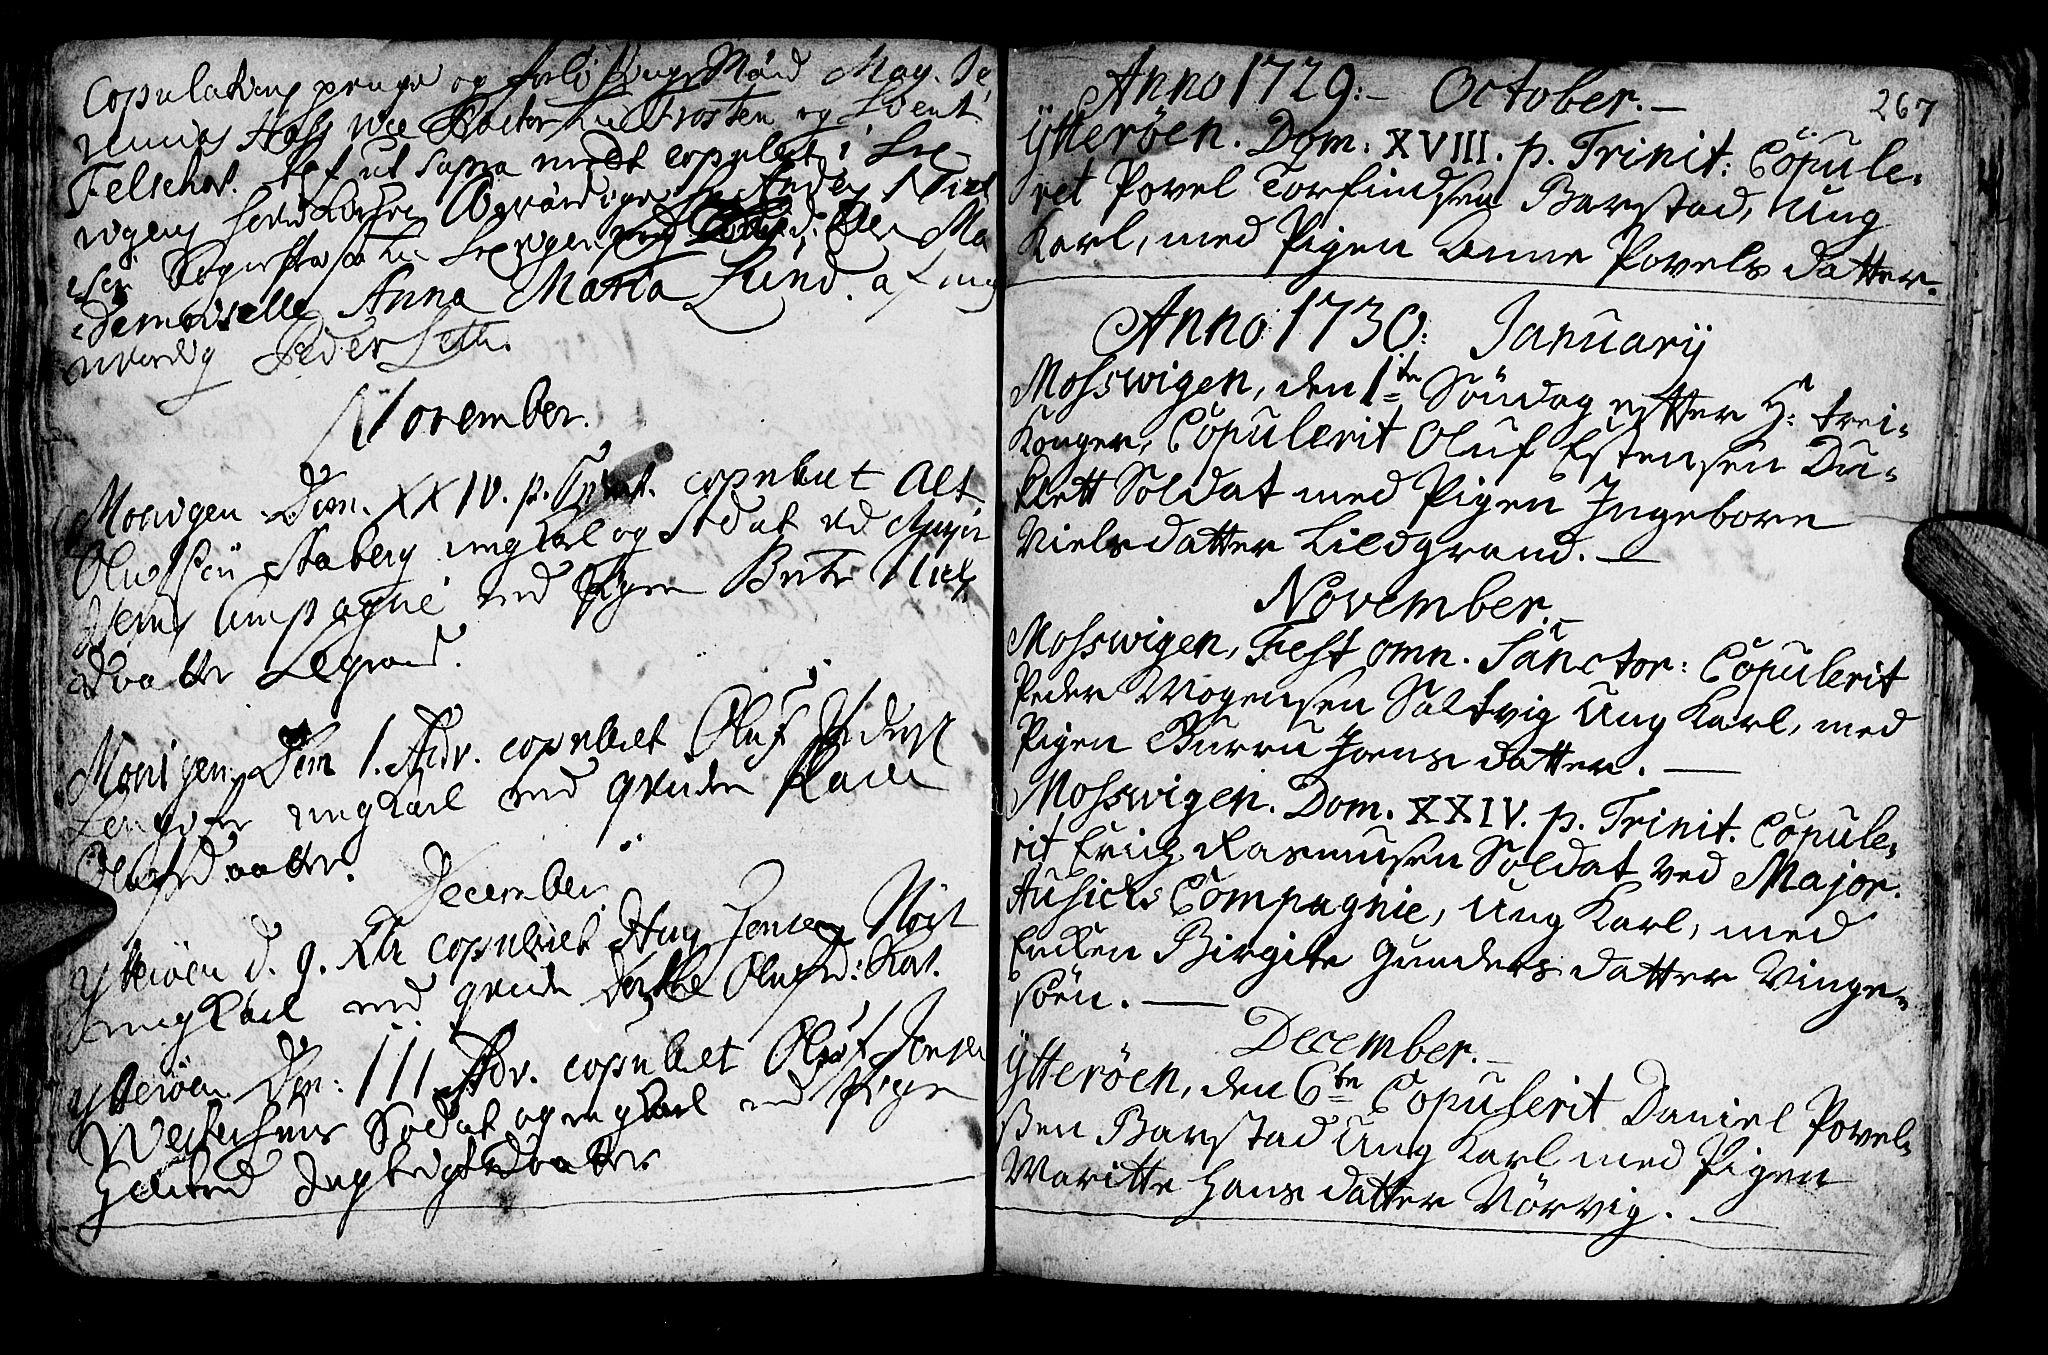 SAT, Ministerialprotokoller, klokkerbøker og fødselsregistre - Nord-Trøndelag, 722/L0215: Ministerialbok nr. 722A02, 1718-1755, s. 267